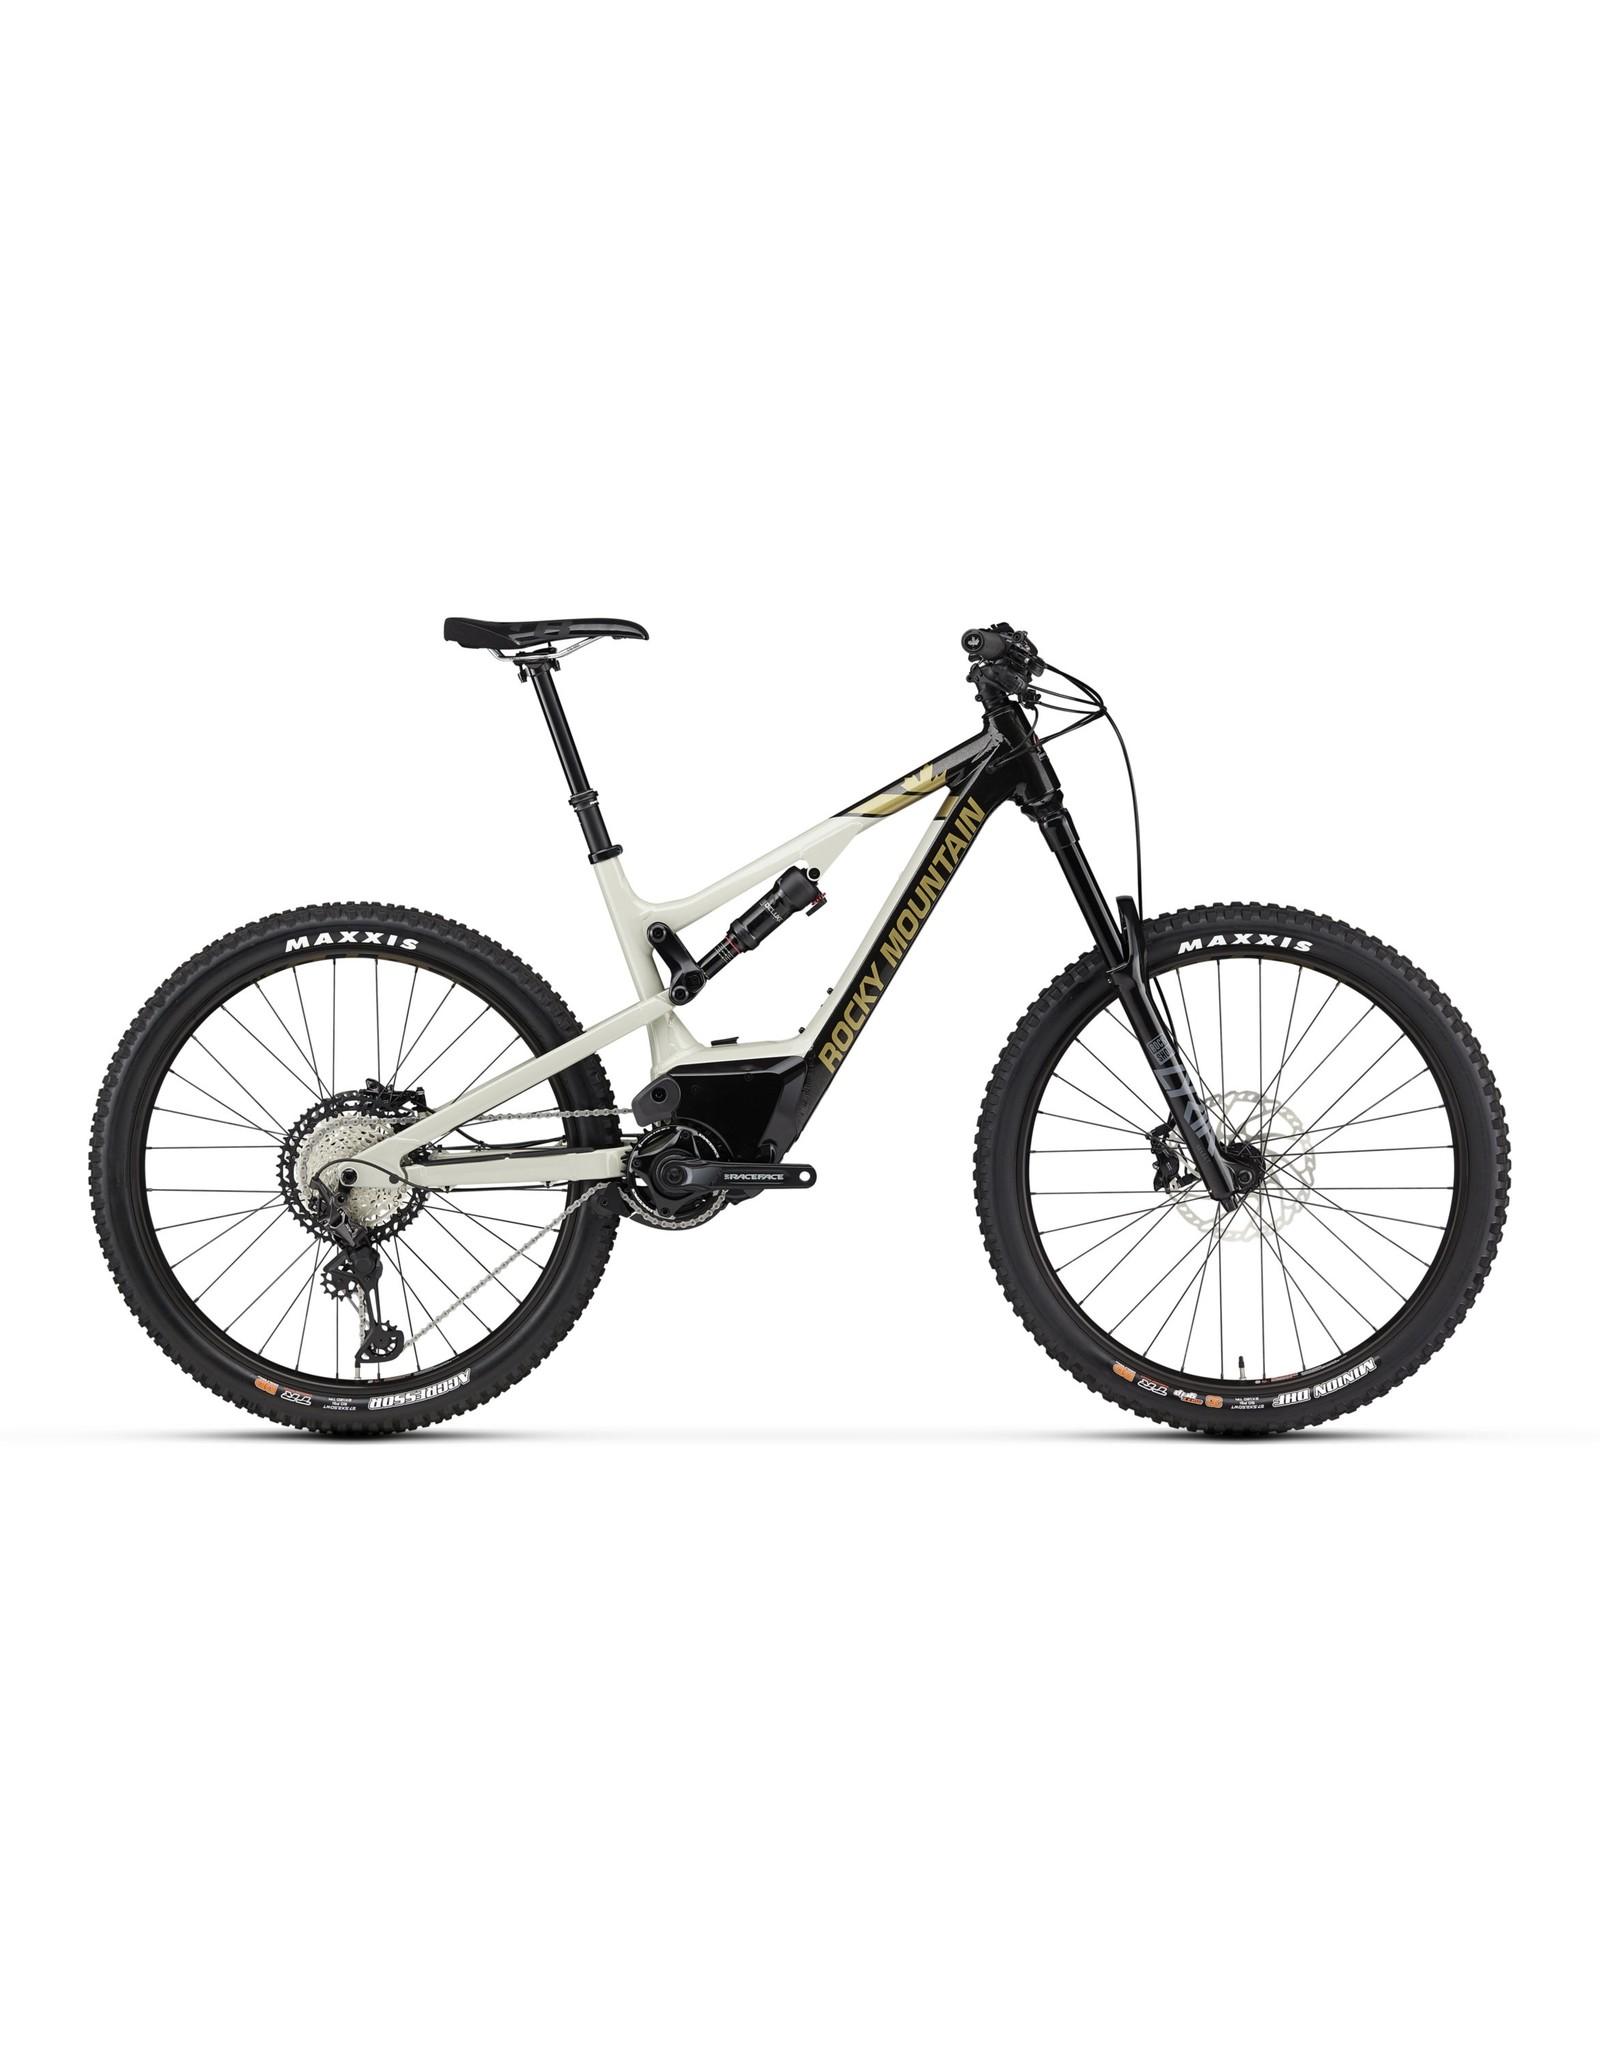 Rocky Mountain Vélo Rocky Mountain Altitude Powerplay A70 2020